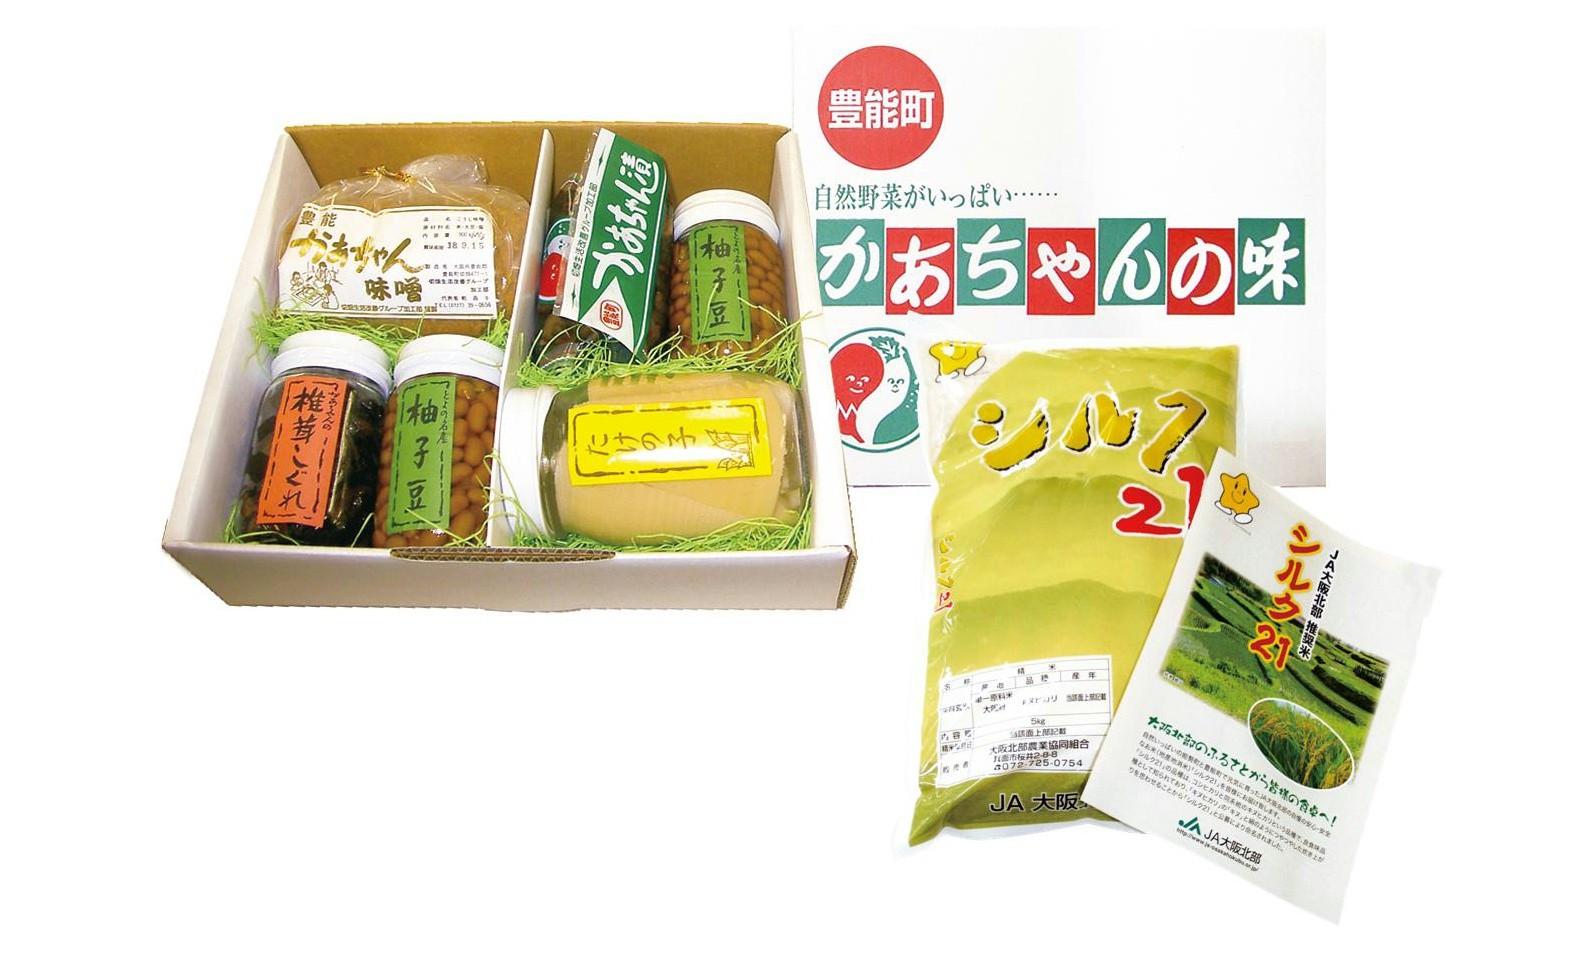 20-1 かあちゃんセット+シルク21(キヌヒカリ100%使用のお米5kg)